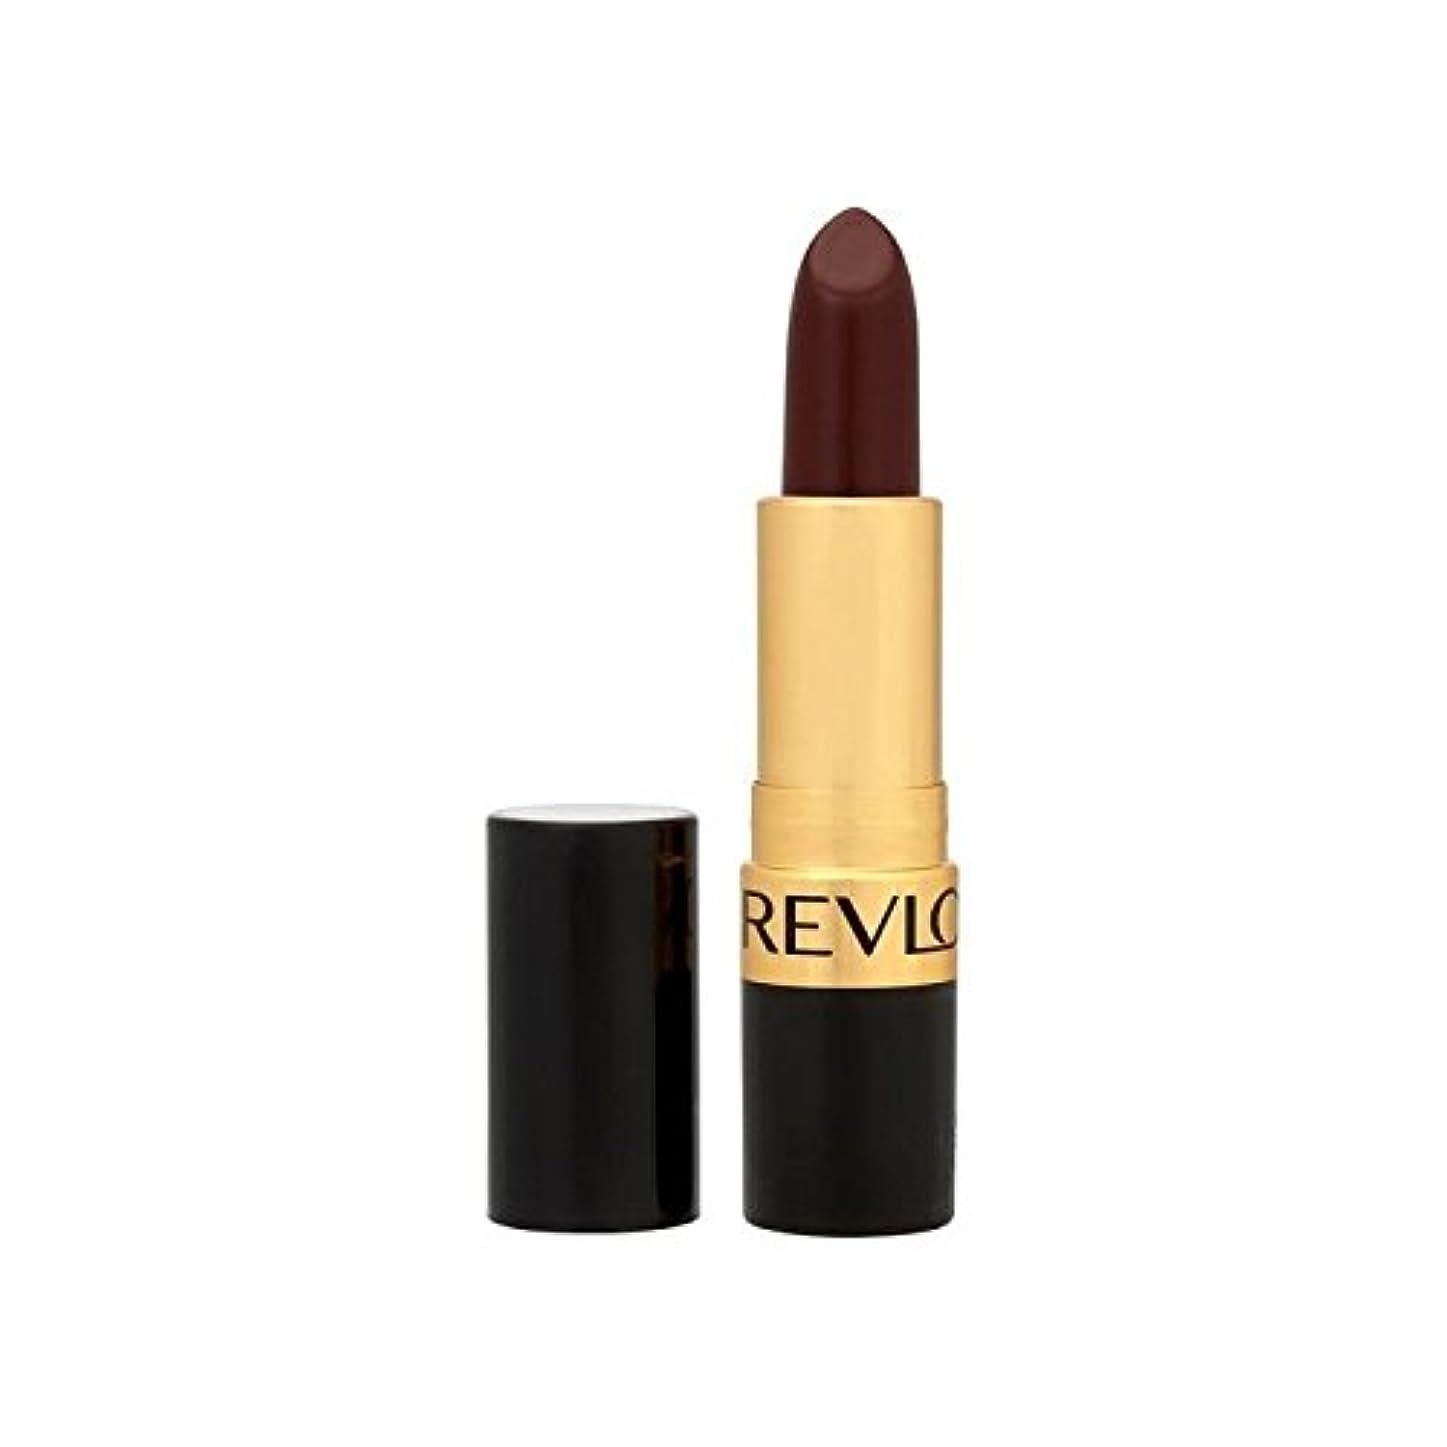 忘れるせっかち受付レブロンスーパー光沢のある口紅ブラックチェリー477 x2 - Revlon Super Lustrous Lipstick Black Cherry 477 (Pack of 2) [並行輸入品]